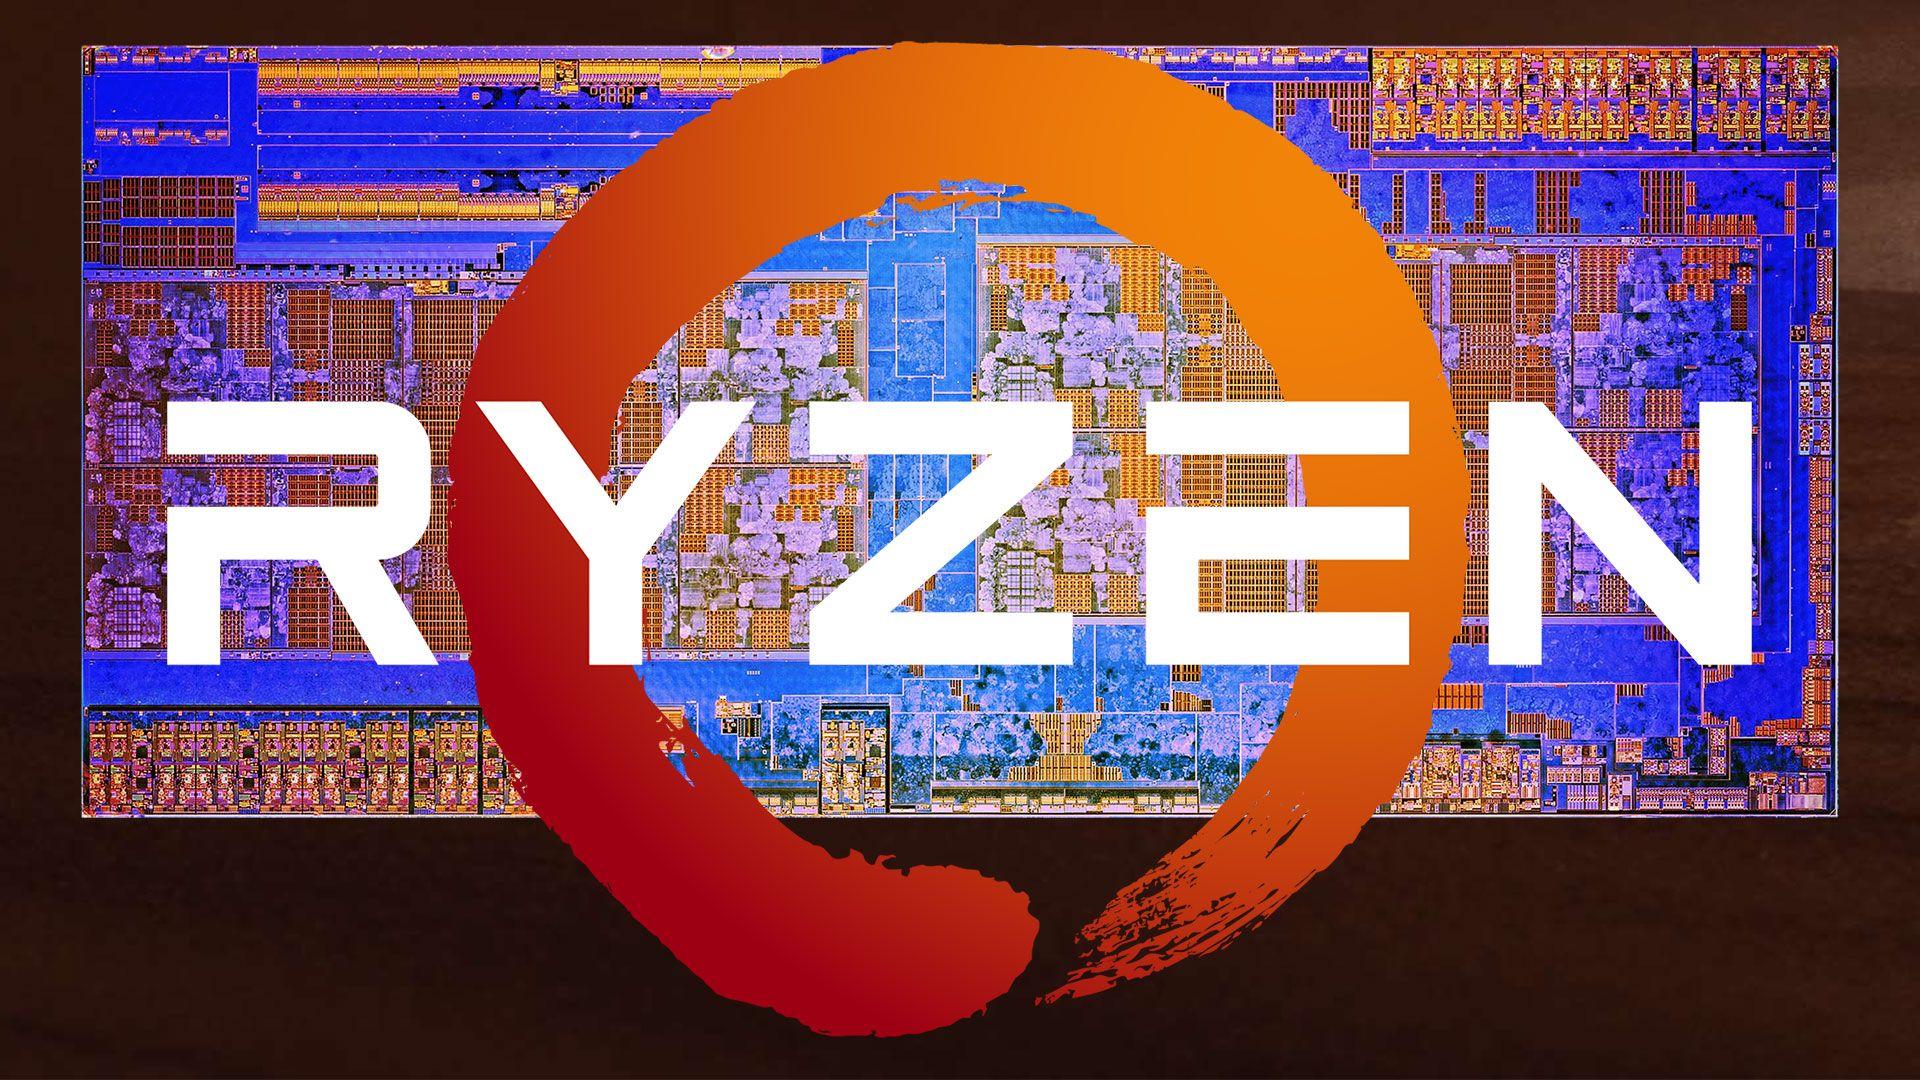 Начались продажи 8-ядерных процессоров AMD Ryzen для настольныхПК